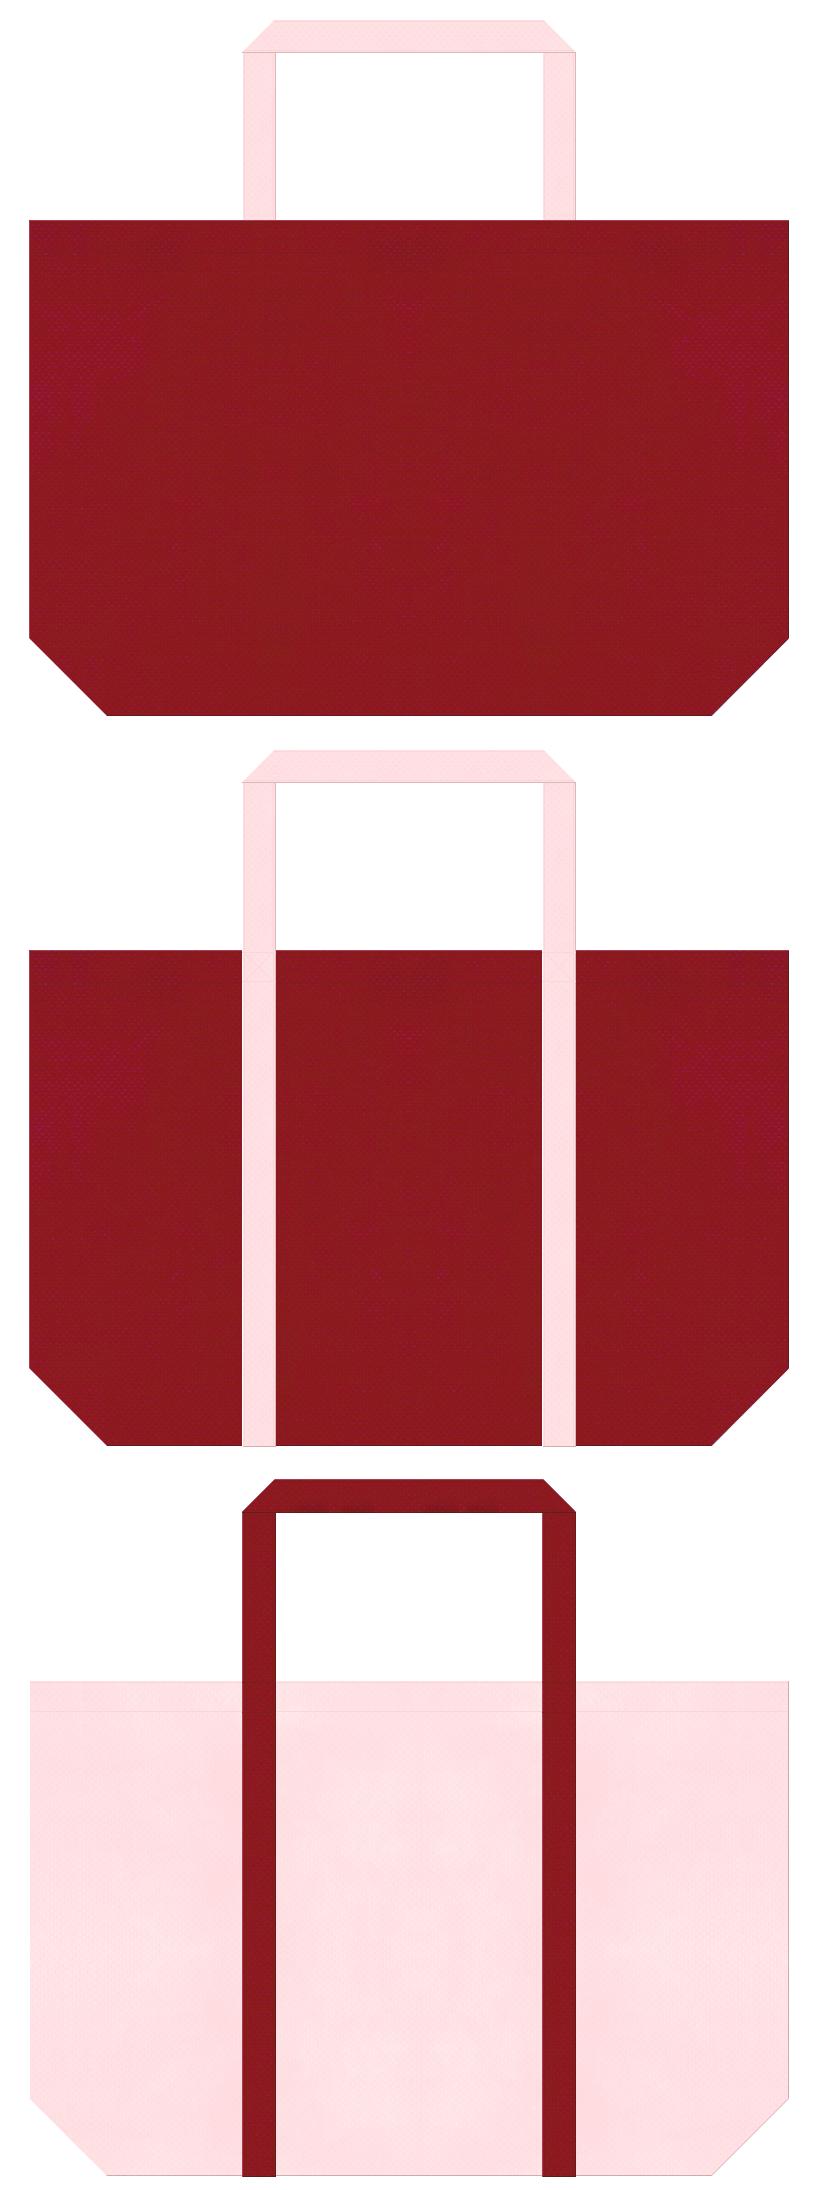 着物・振袖・お花見・お正月・福袋・成人式・ひな祭り・学校・写真館・和雑貨・和風催事にお奨め:エンジ色と桜色の不織布ショッピングバッグのデザイン